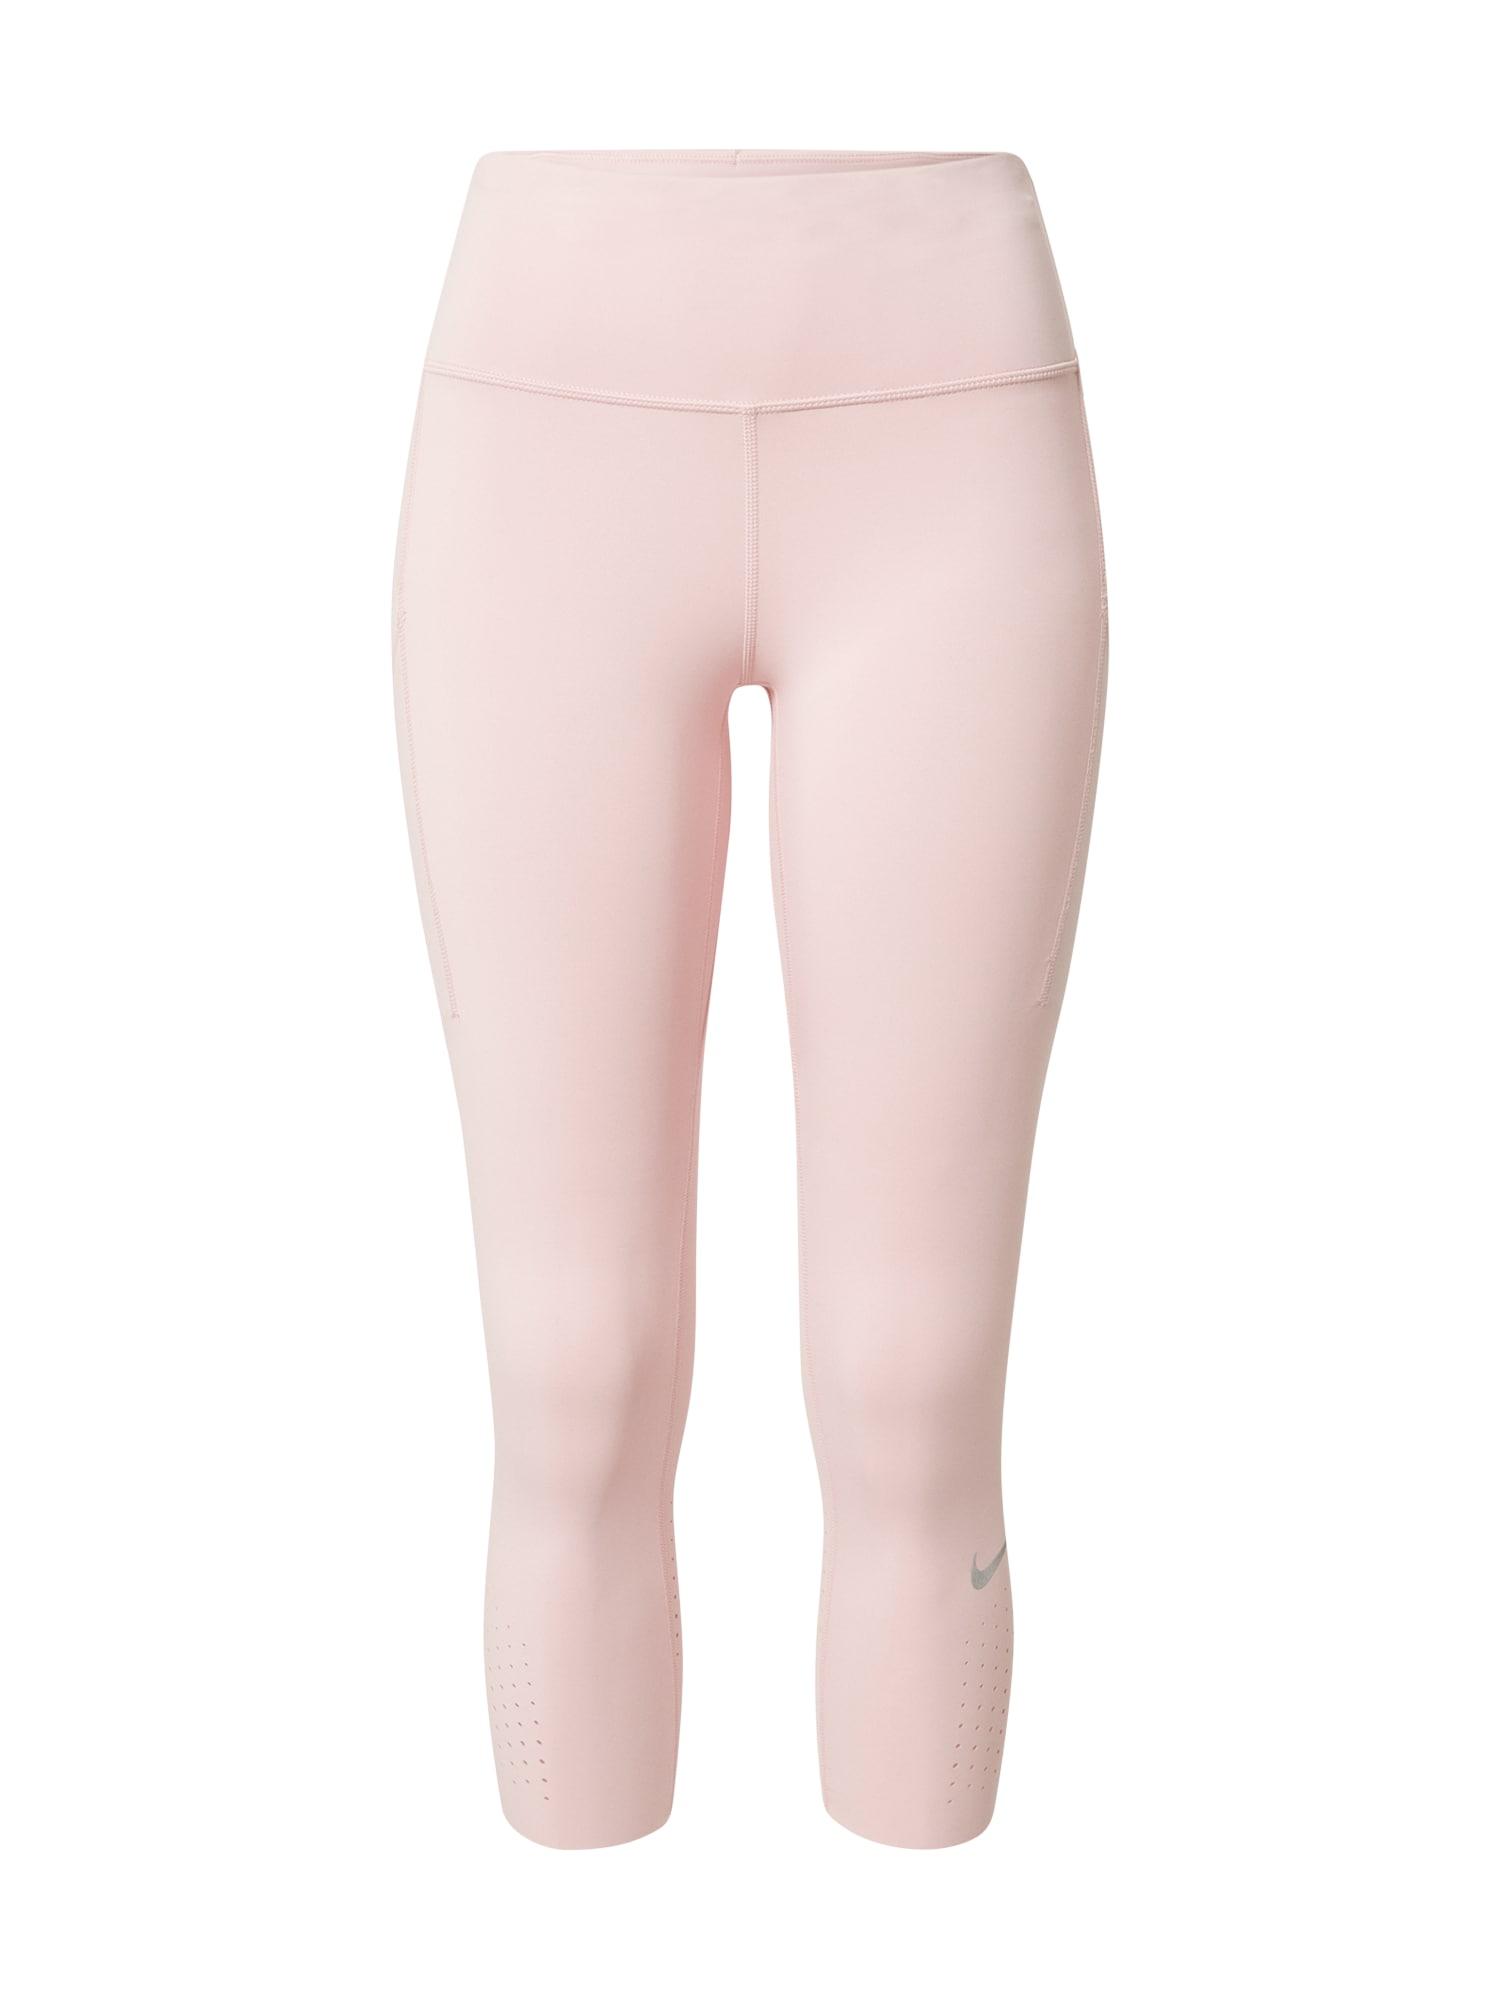 NIKE Sportinės kelnės 'Epic Luxe' rožių spalva